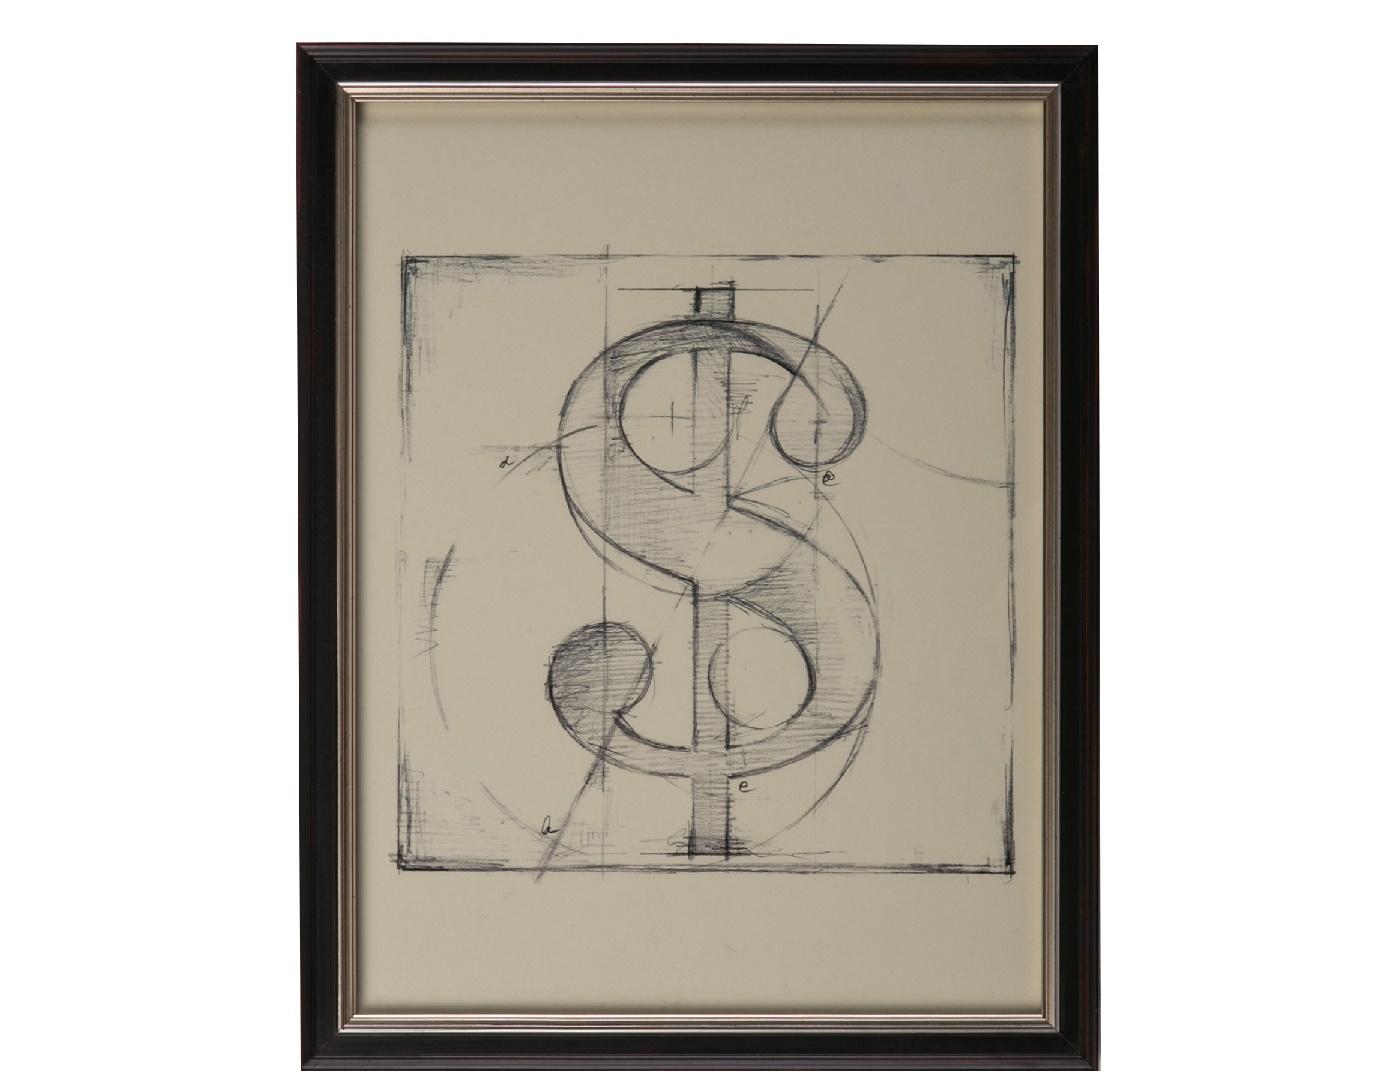 Постер в раме Drafting SymbolsПостеры<br>Эта изысканная картина создана для тех, кто устал следить за бесконечными скачками курса доллара. Повесьте ее у себя в кабинете и окружающие увидят, как просто и иронично вы воспринимаете злободневные проблемы. Возможно, элегантная черная рама &amp;quot;Drafting Symbols&amp;quot; станет той единственной границей, в которой известная валюта будет иметь хоть какое-то постоянство.&amp;amp;nbsp;&amp;lt;div&amp;gt;&amp;lt;br&amp;gt;&amp;lt;/div&amp;gt;&amp;lt;div&amp;gt;Рама - дерево.&amp;lt;/div&amp;gt;<br><br>Material: Бумага<br>Width см: 26<br>Depth см: 3<br>Height см: 33